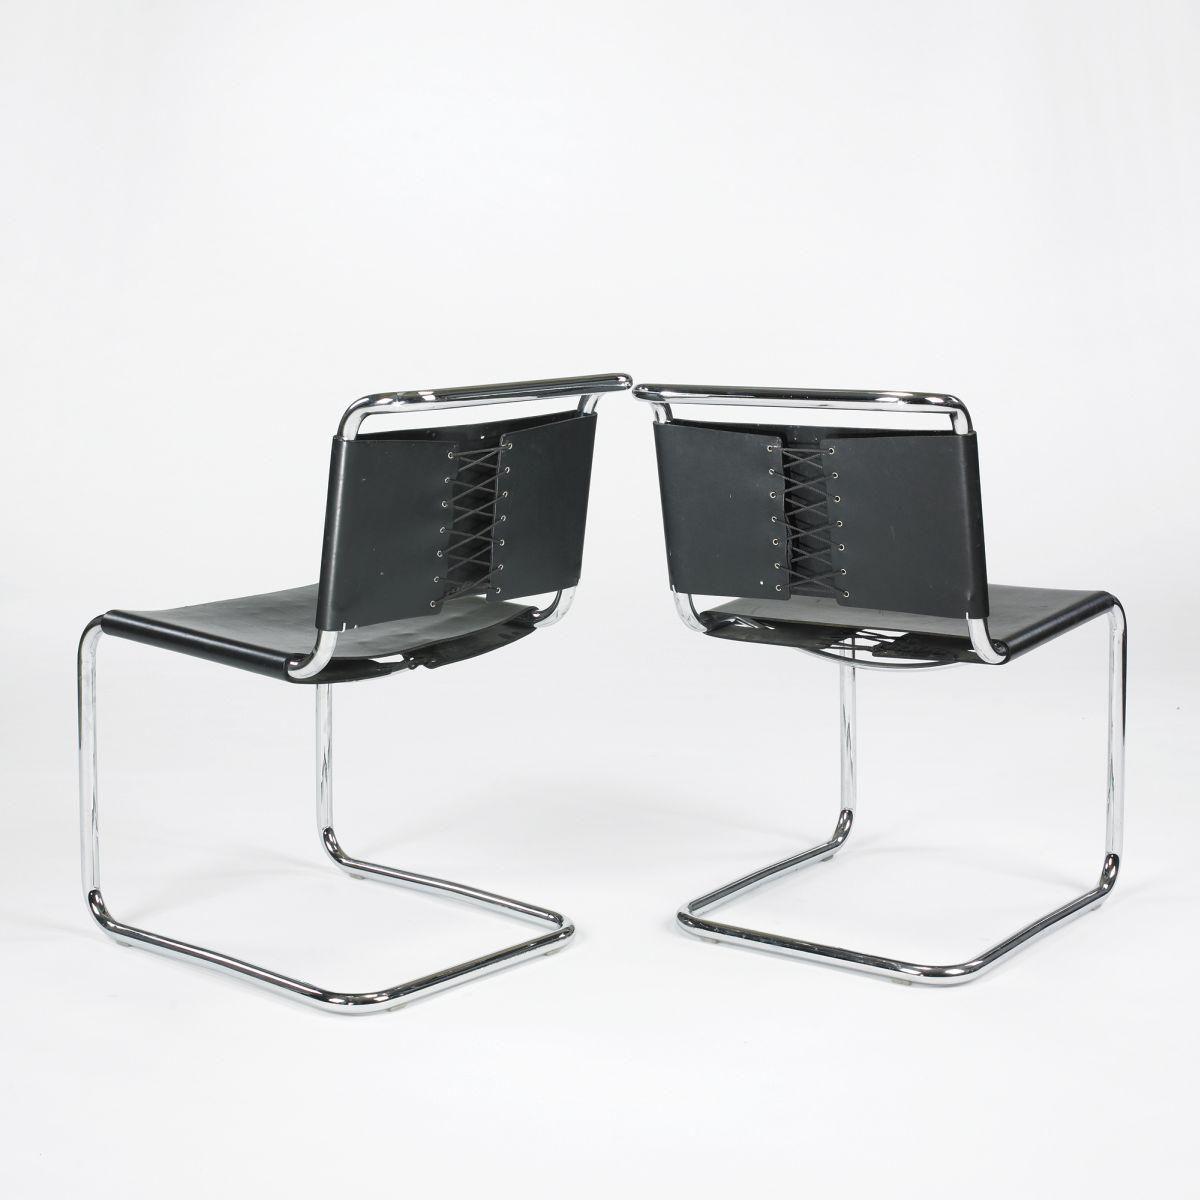 Marcel Breuer B33 chairs pairStudio 5PinterestModels